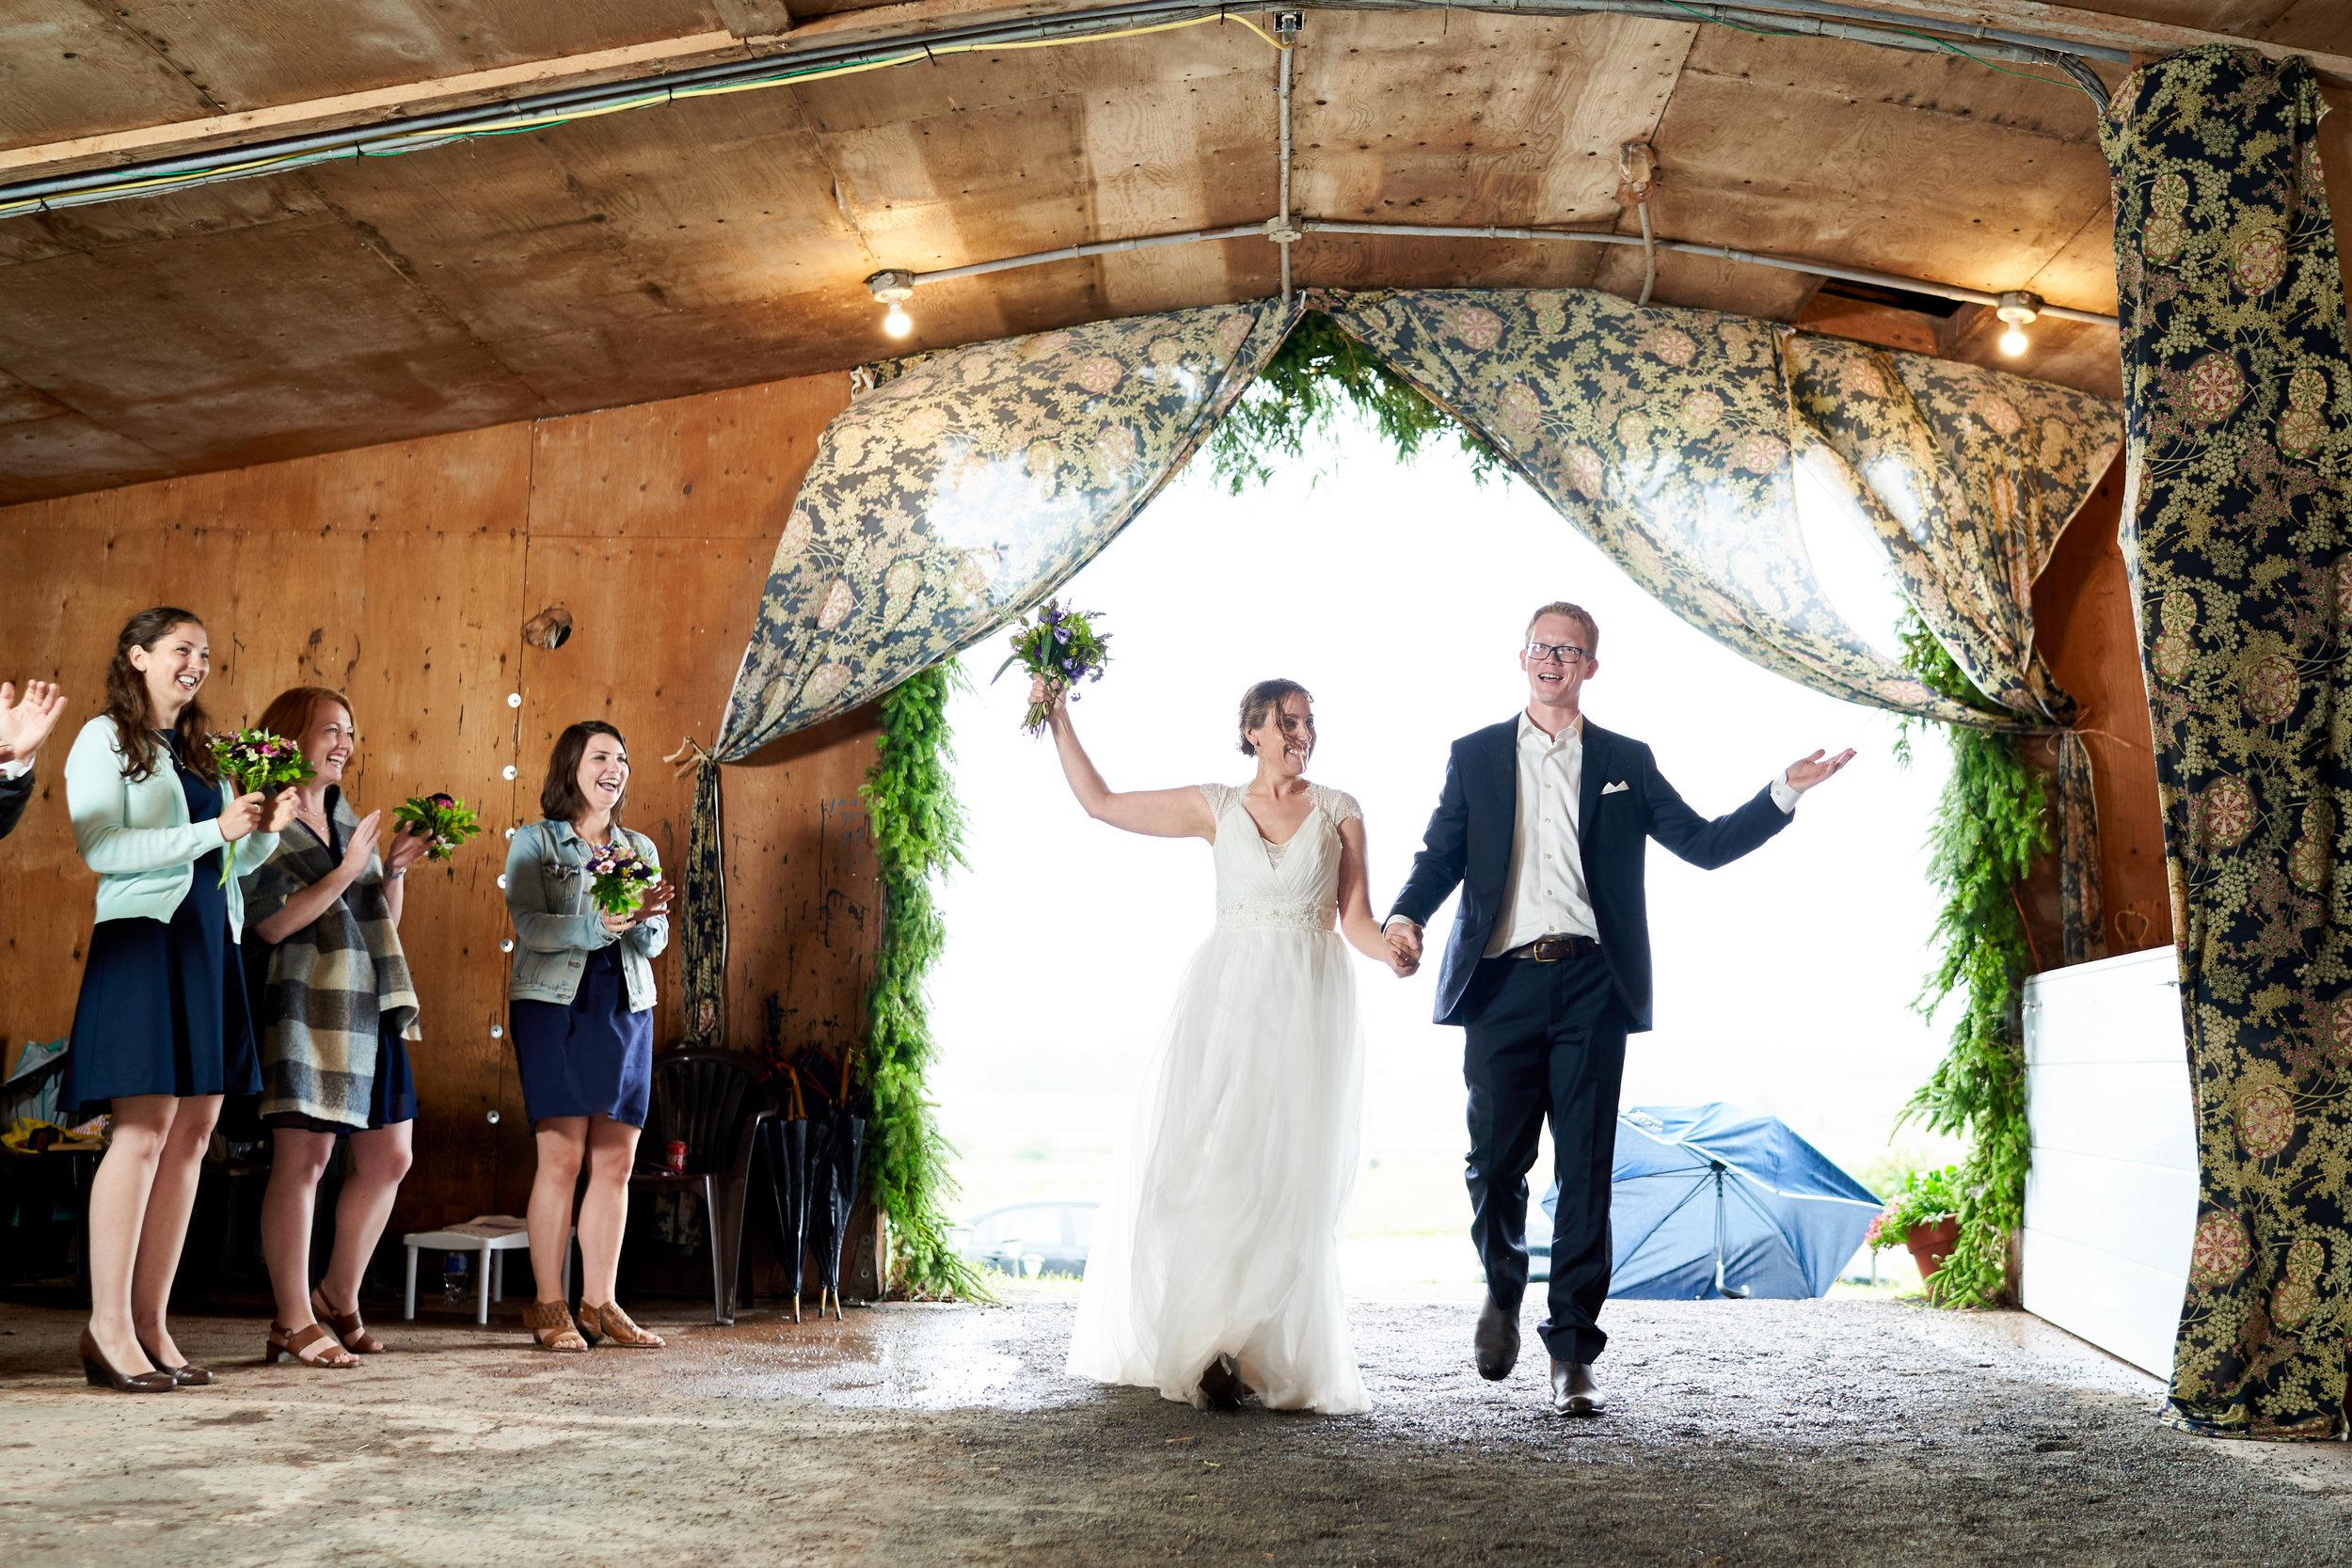 Amy-Lee & James' Wedding 589.jpg